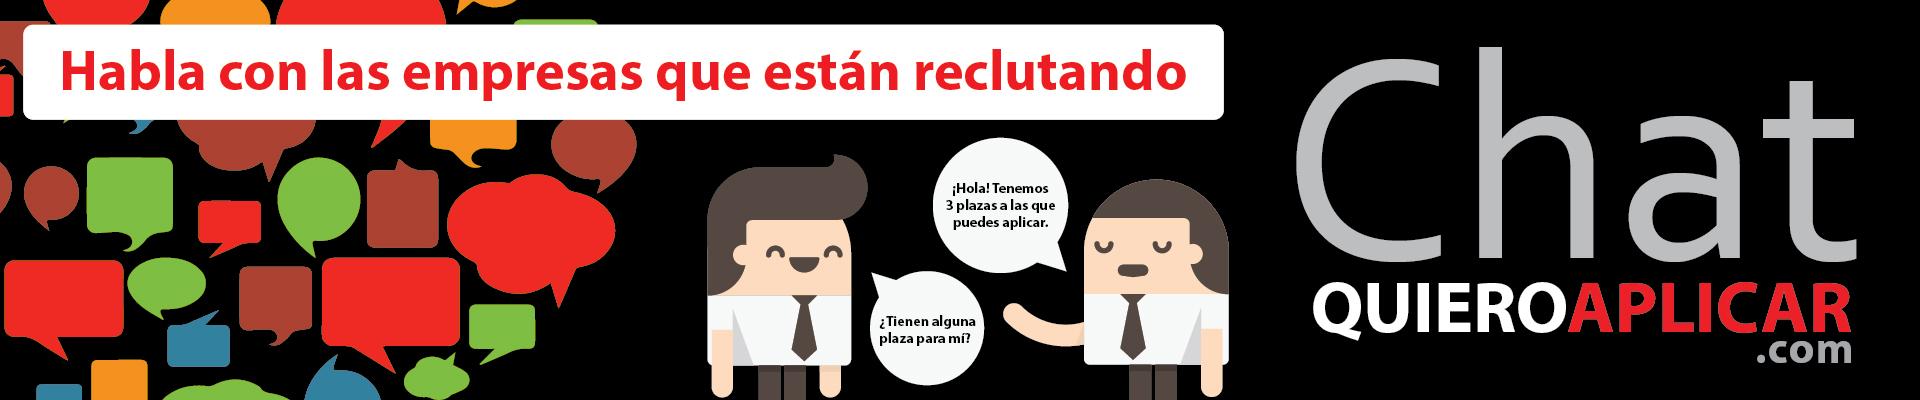 Chat de QuieroAplicar.com